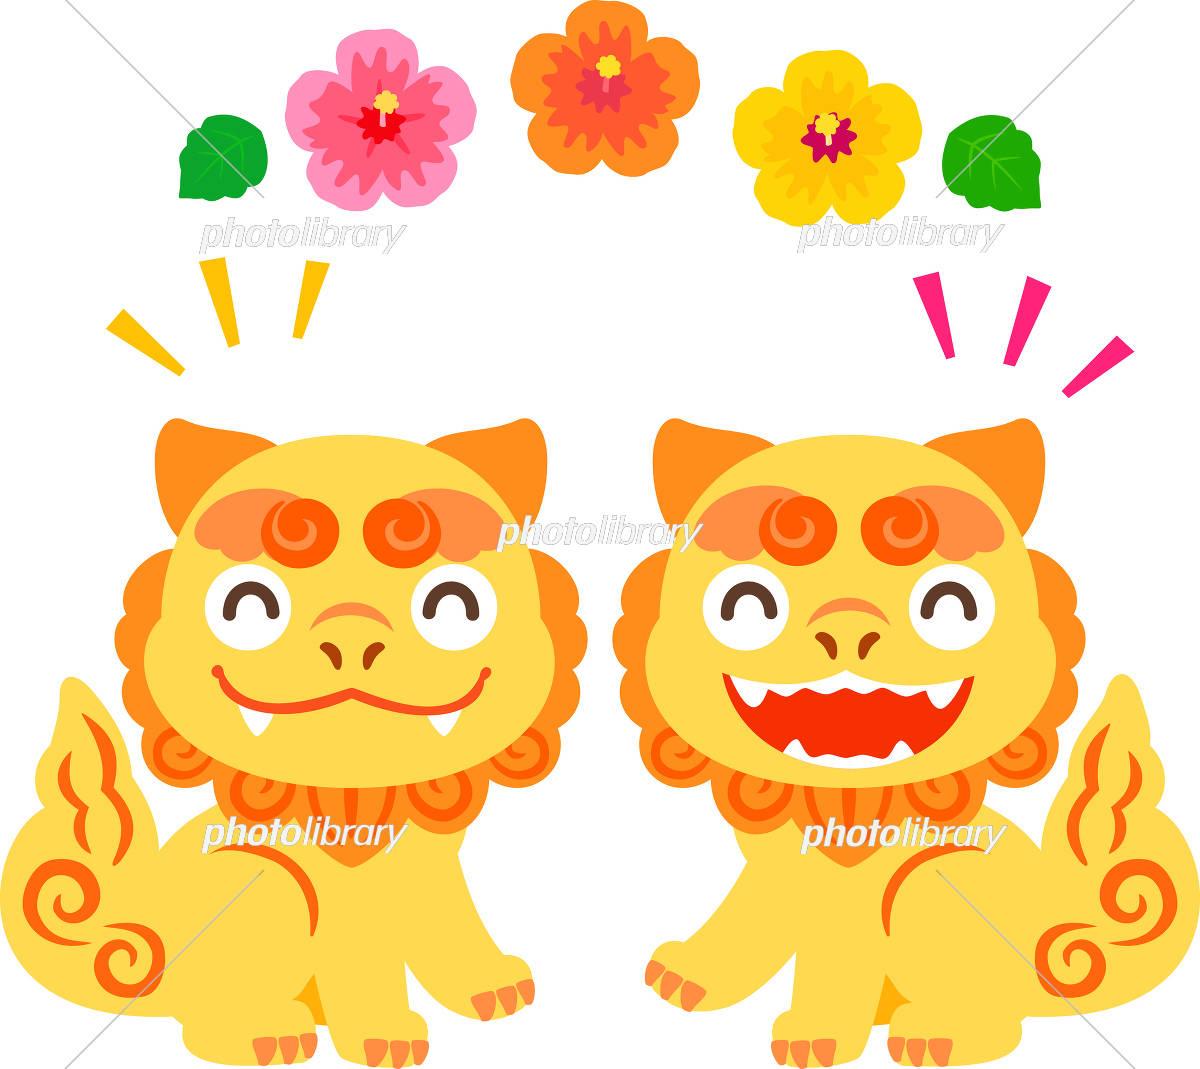 笑顔のシーサーとハイビスカス イラスト素材 5667004 フォトライブ